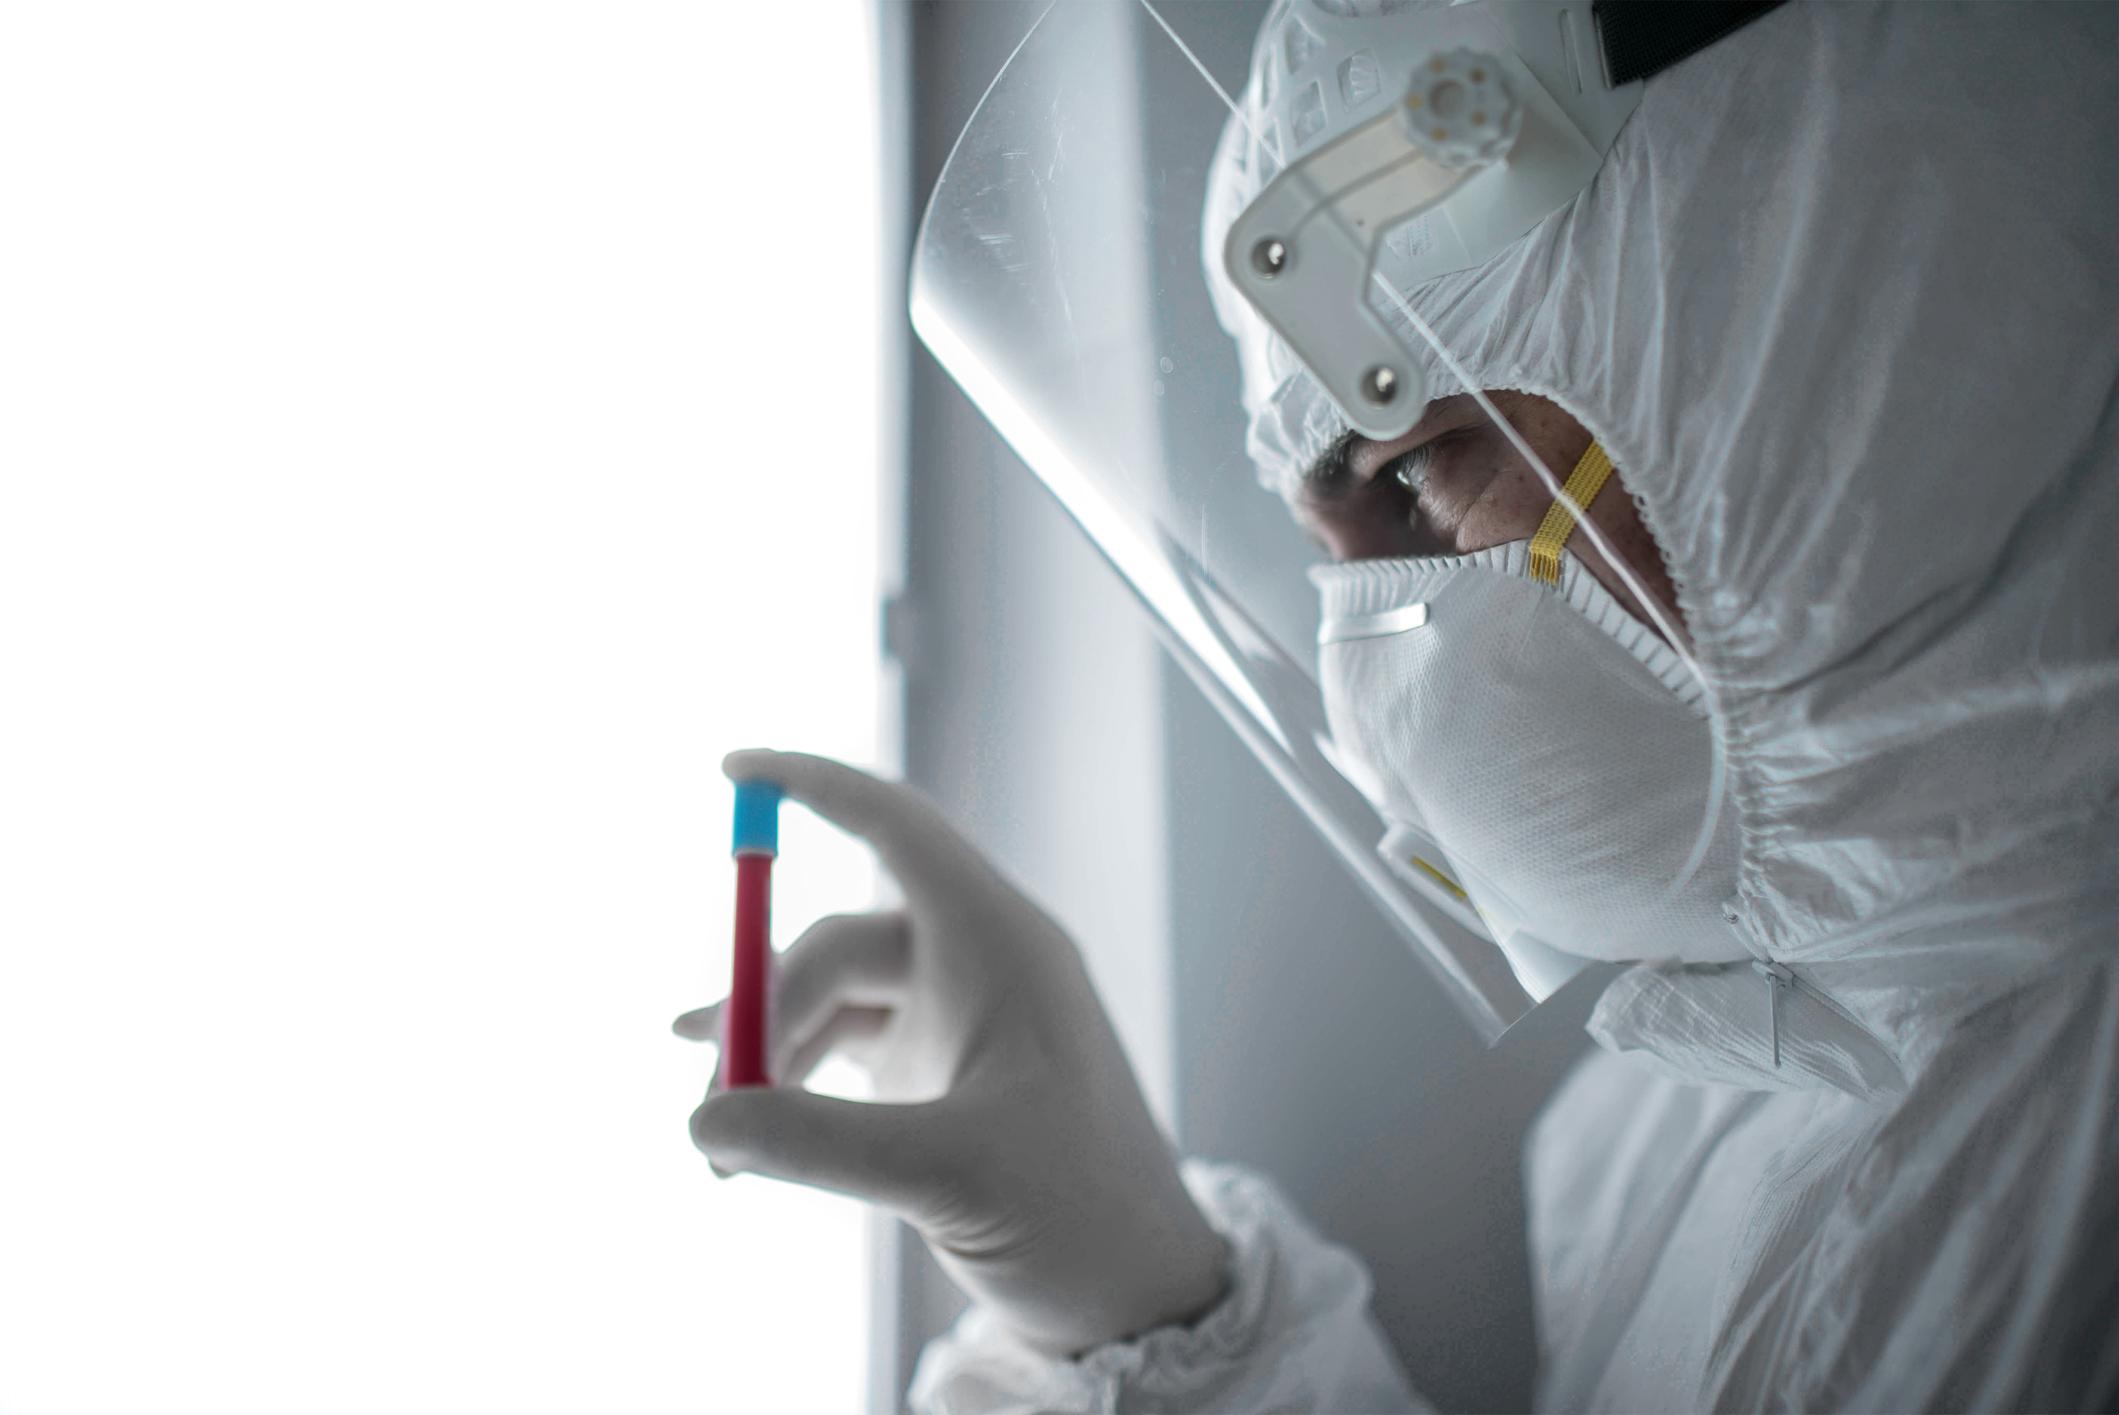 Noua tulpina de coronavirus care ii ingrozeste pe medici. Animalul banal de la care se transmite coronavirusul la om